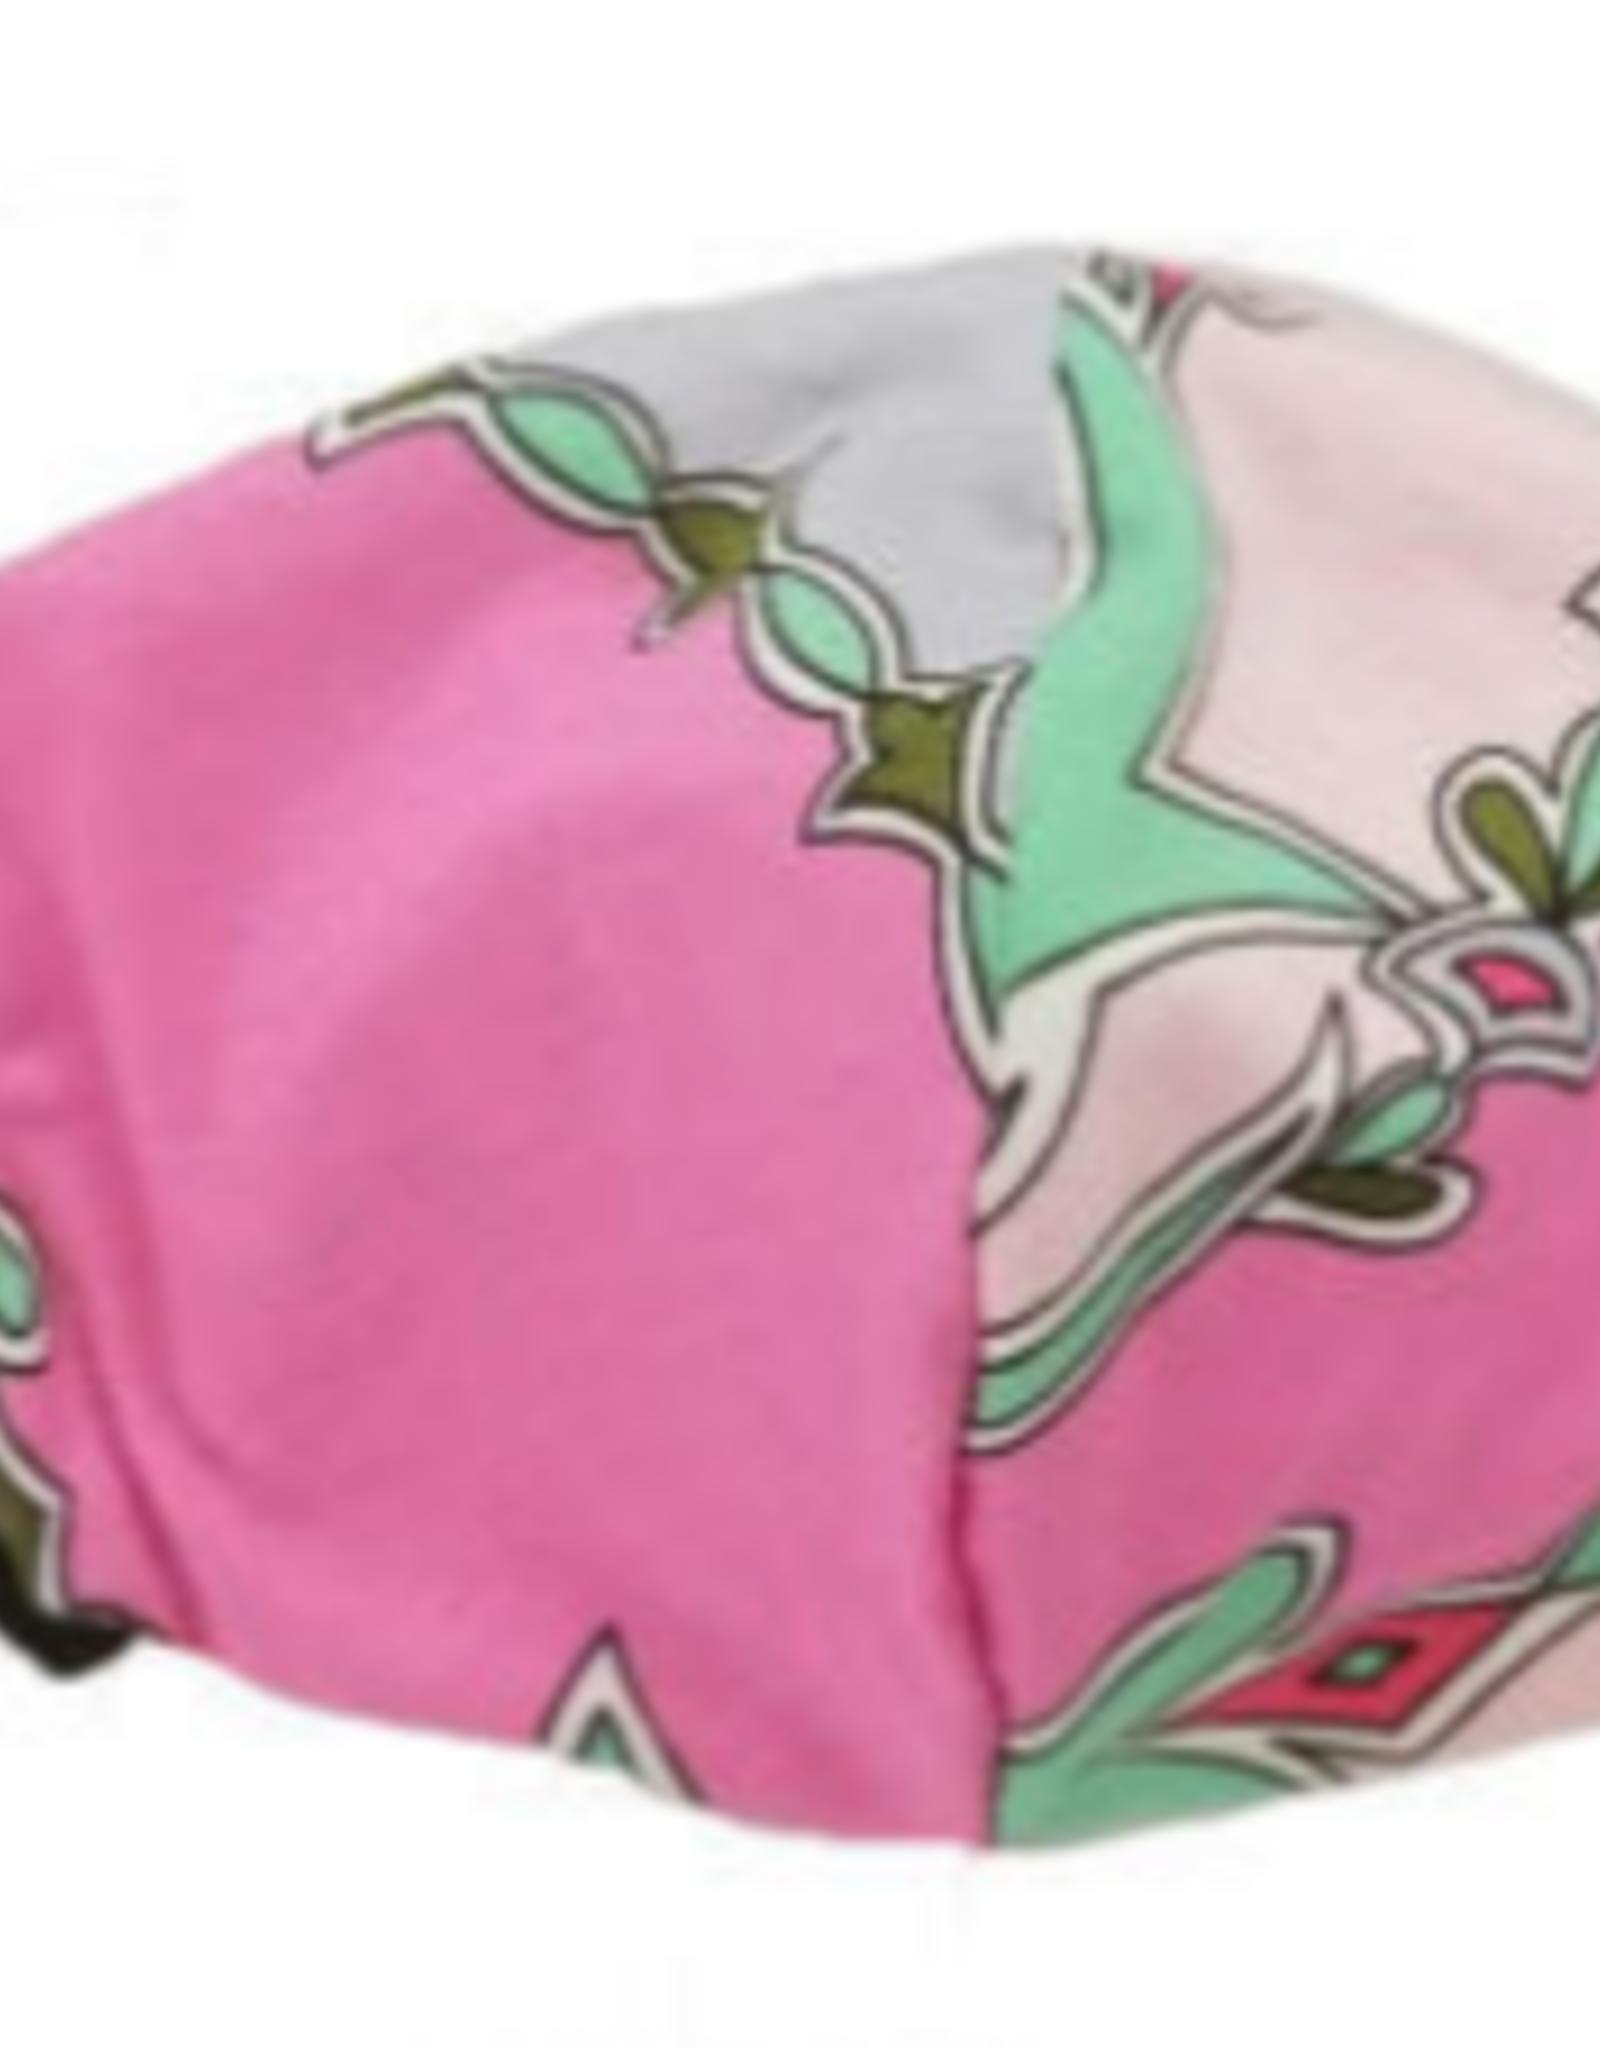 pucci pink mask